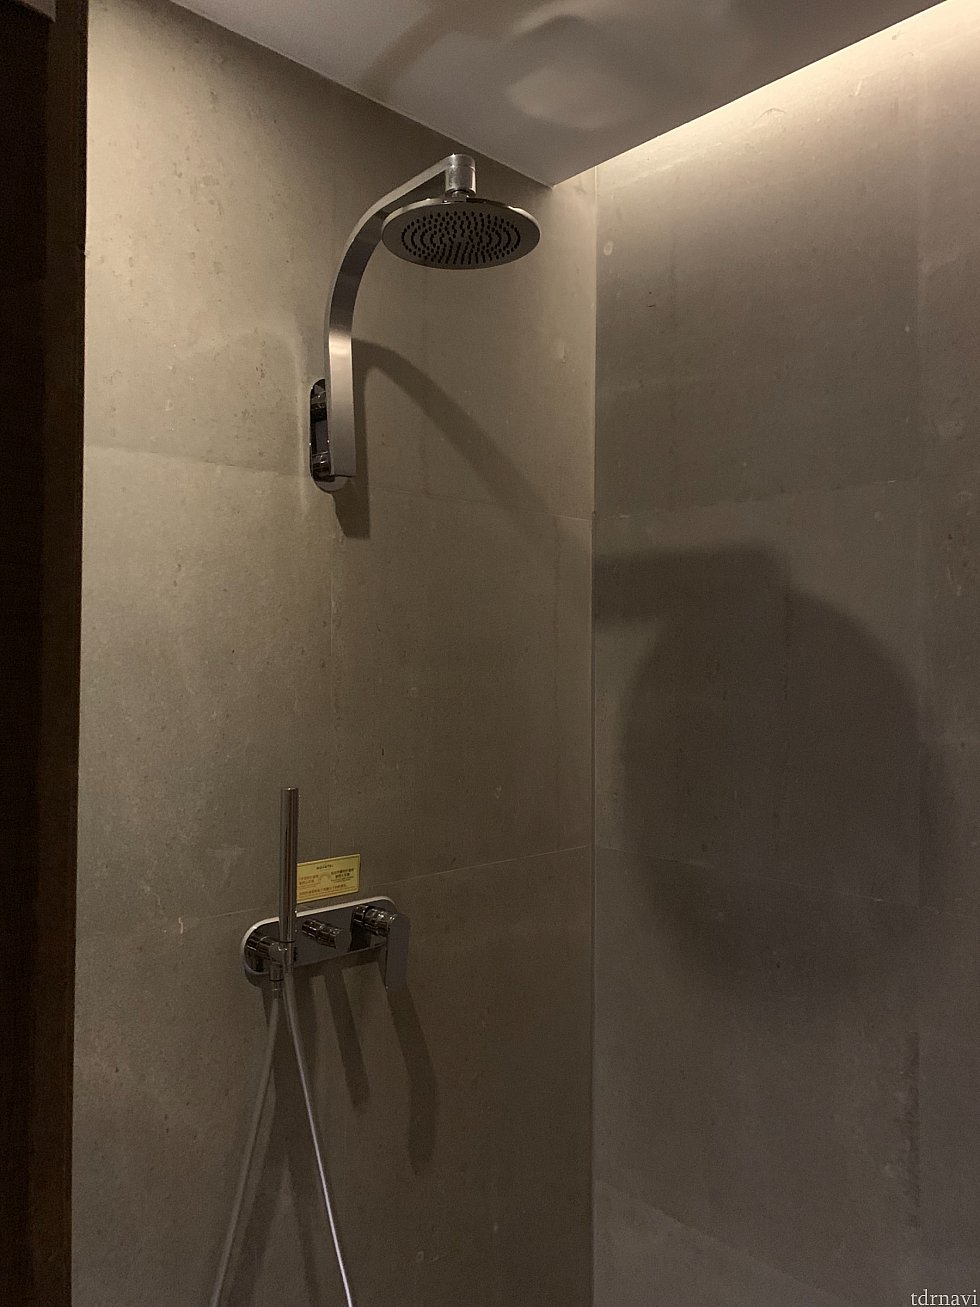 シャワーは固定型と可動型の2つ 水圧はちょっと弱いかな???